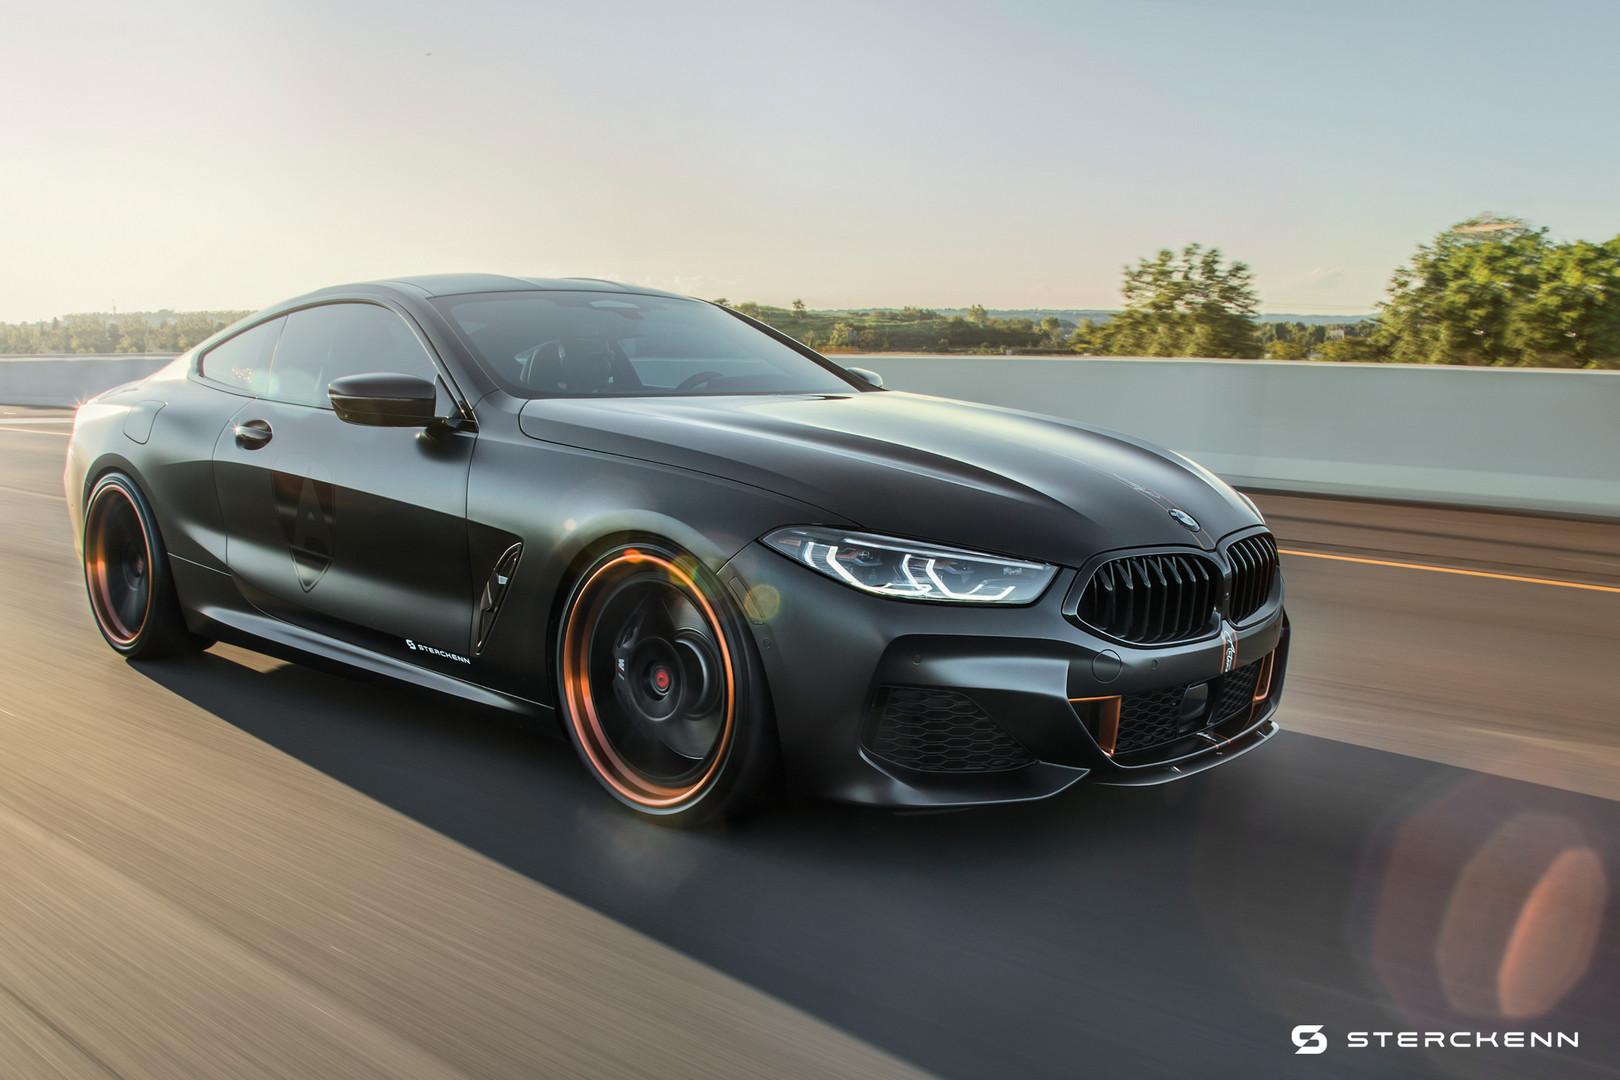 Sterckenn BMW 8 Series